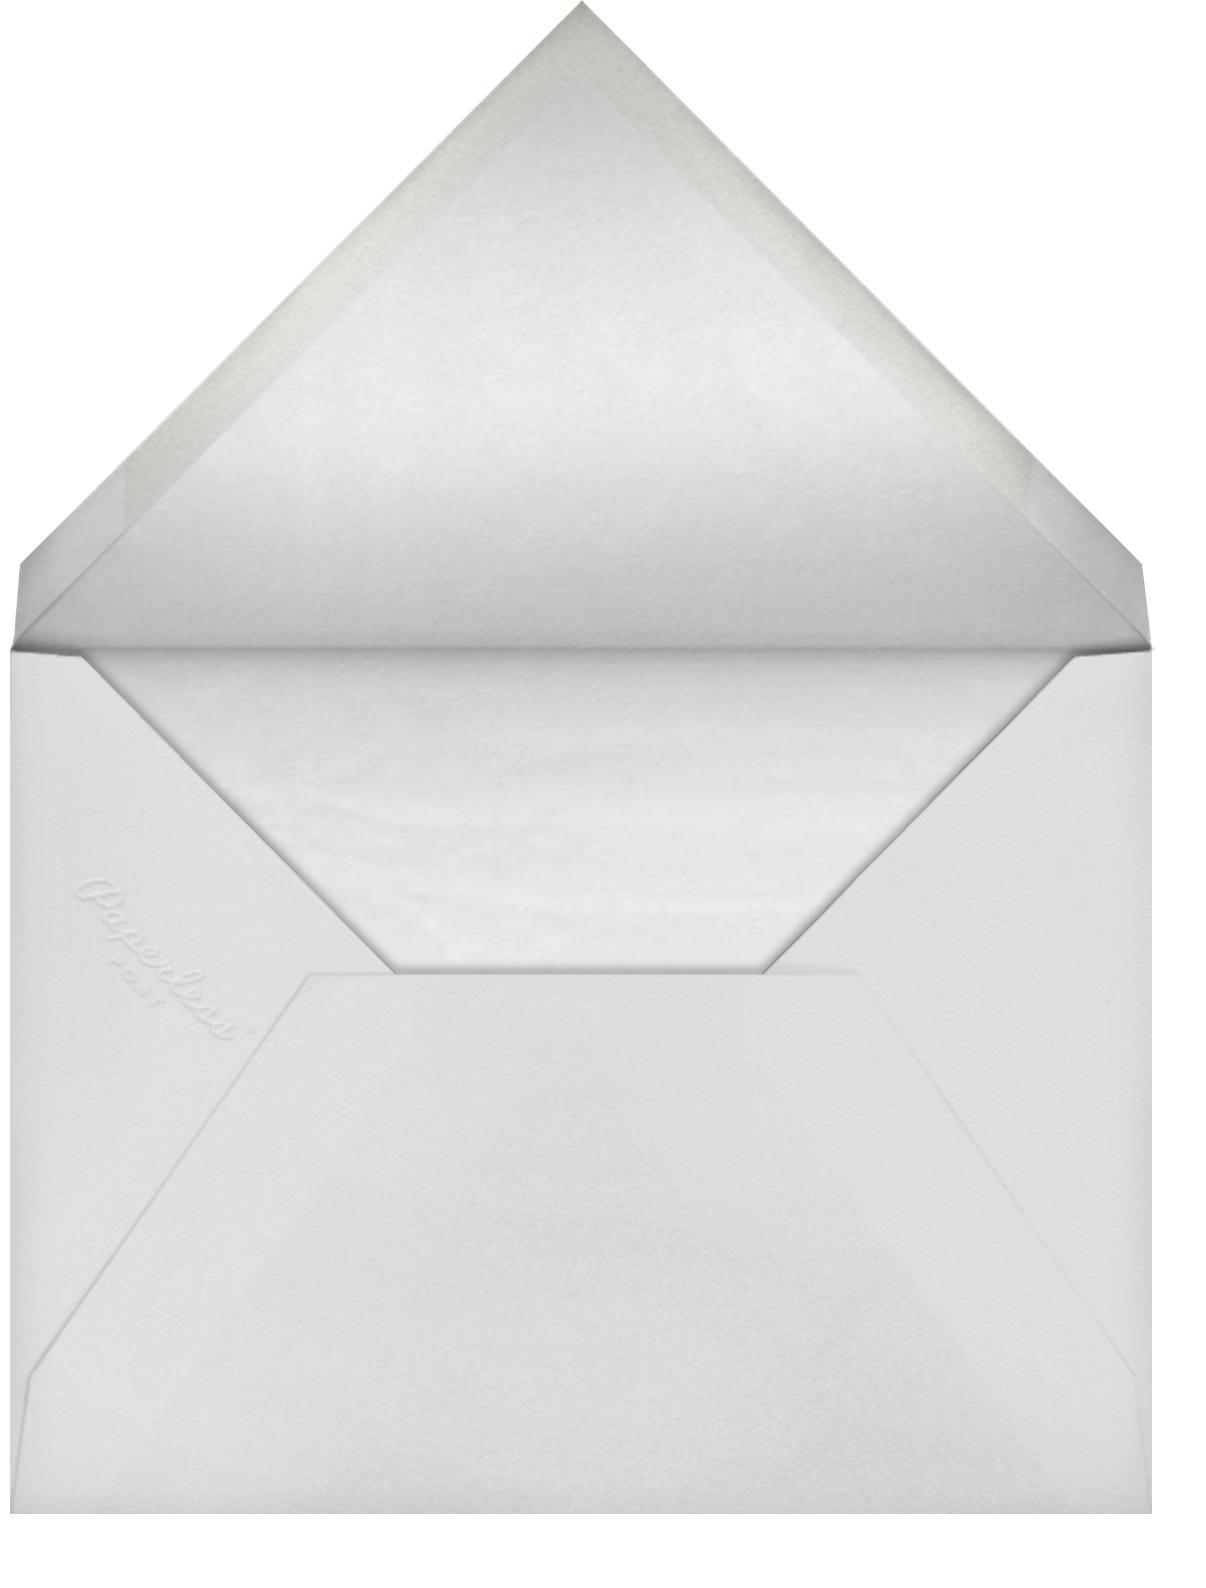 Heirloom Lace (Invitation) - Blue - Oscar de la Renta - Envelope